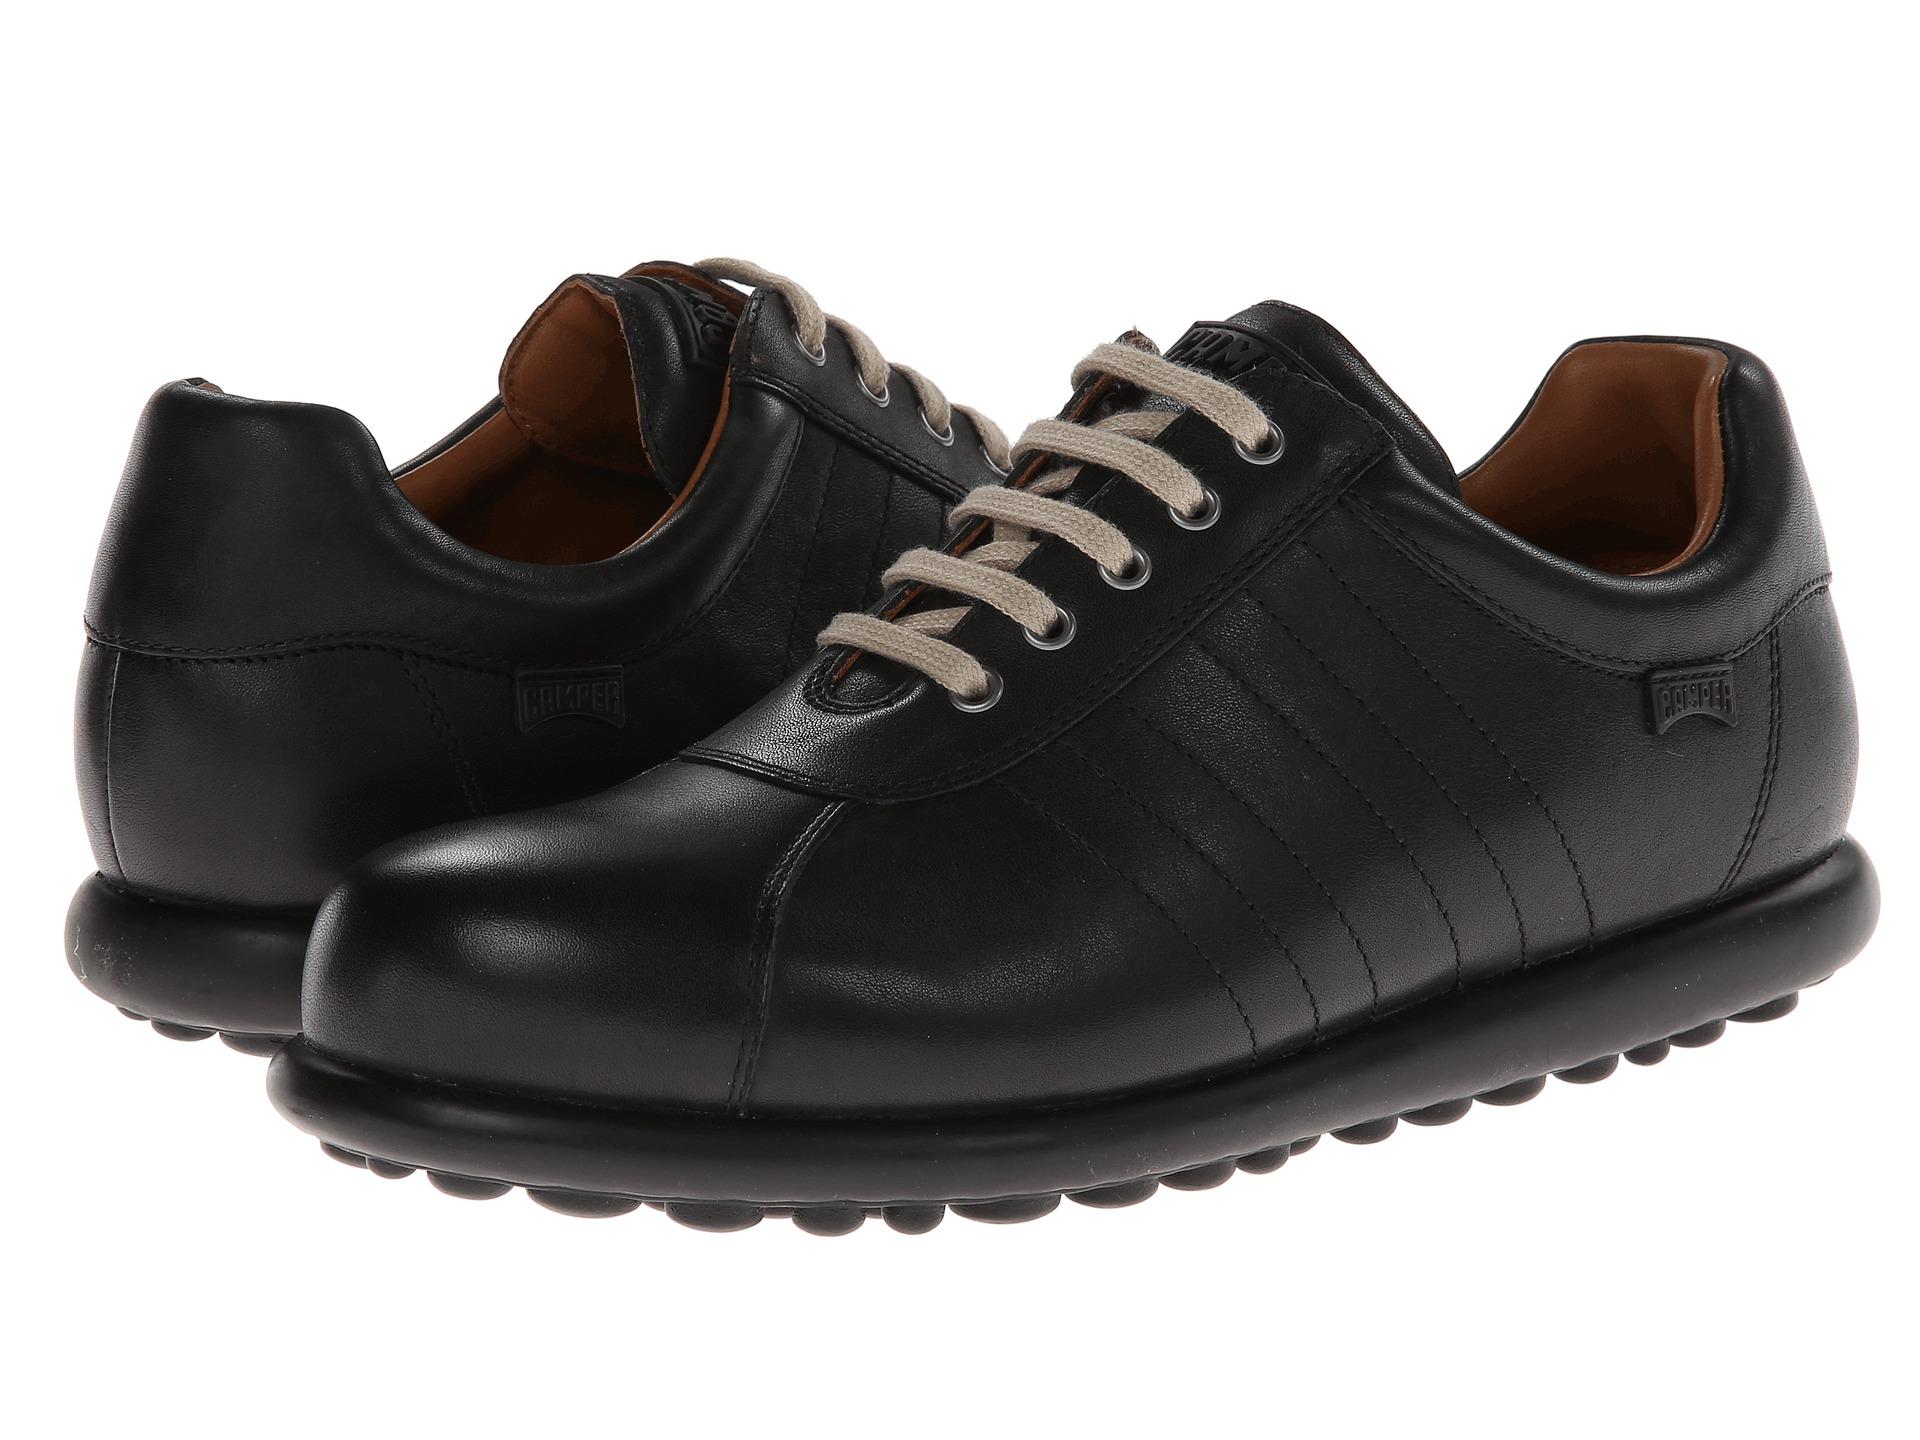 Camper Pelotas Ariel Lace Up Shoe Reviews